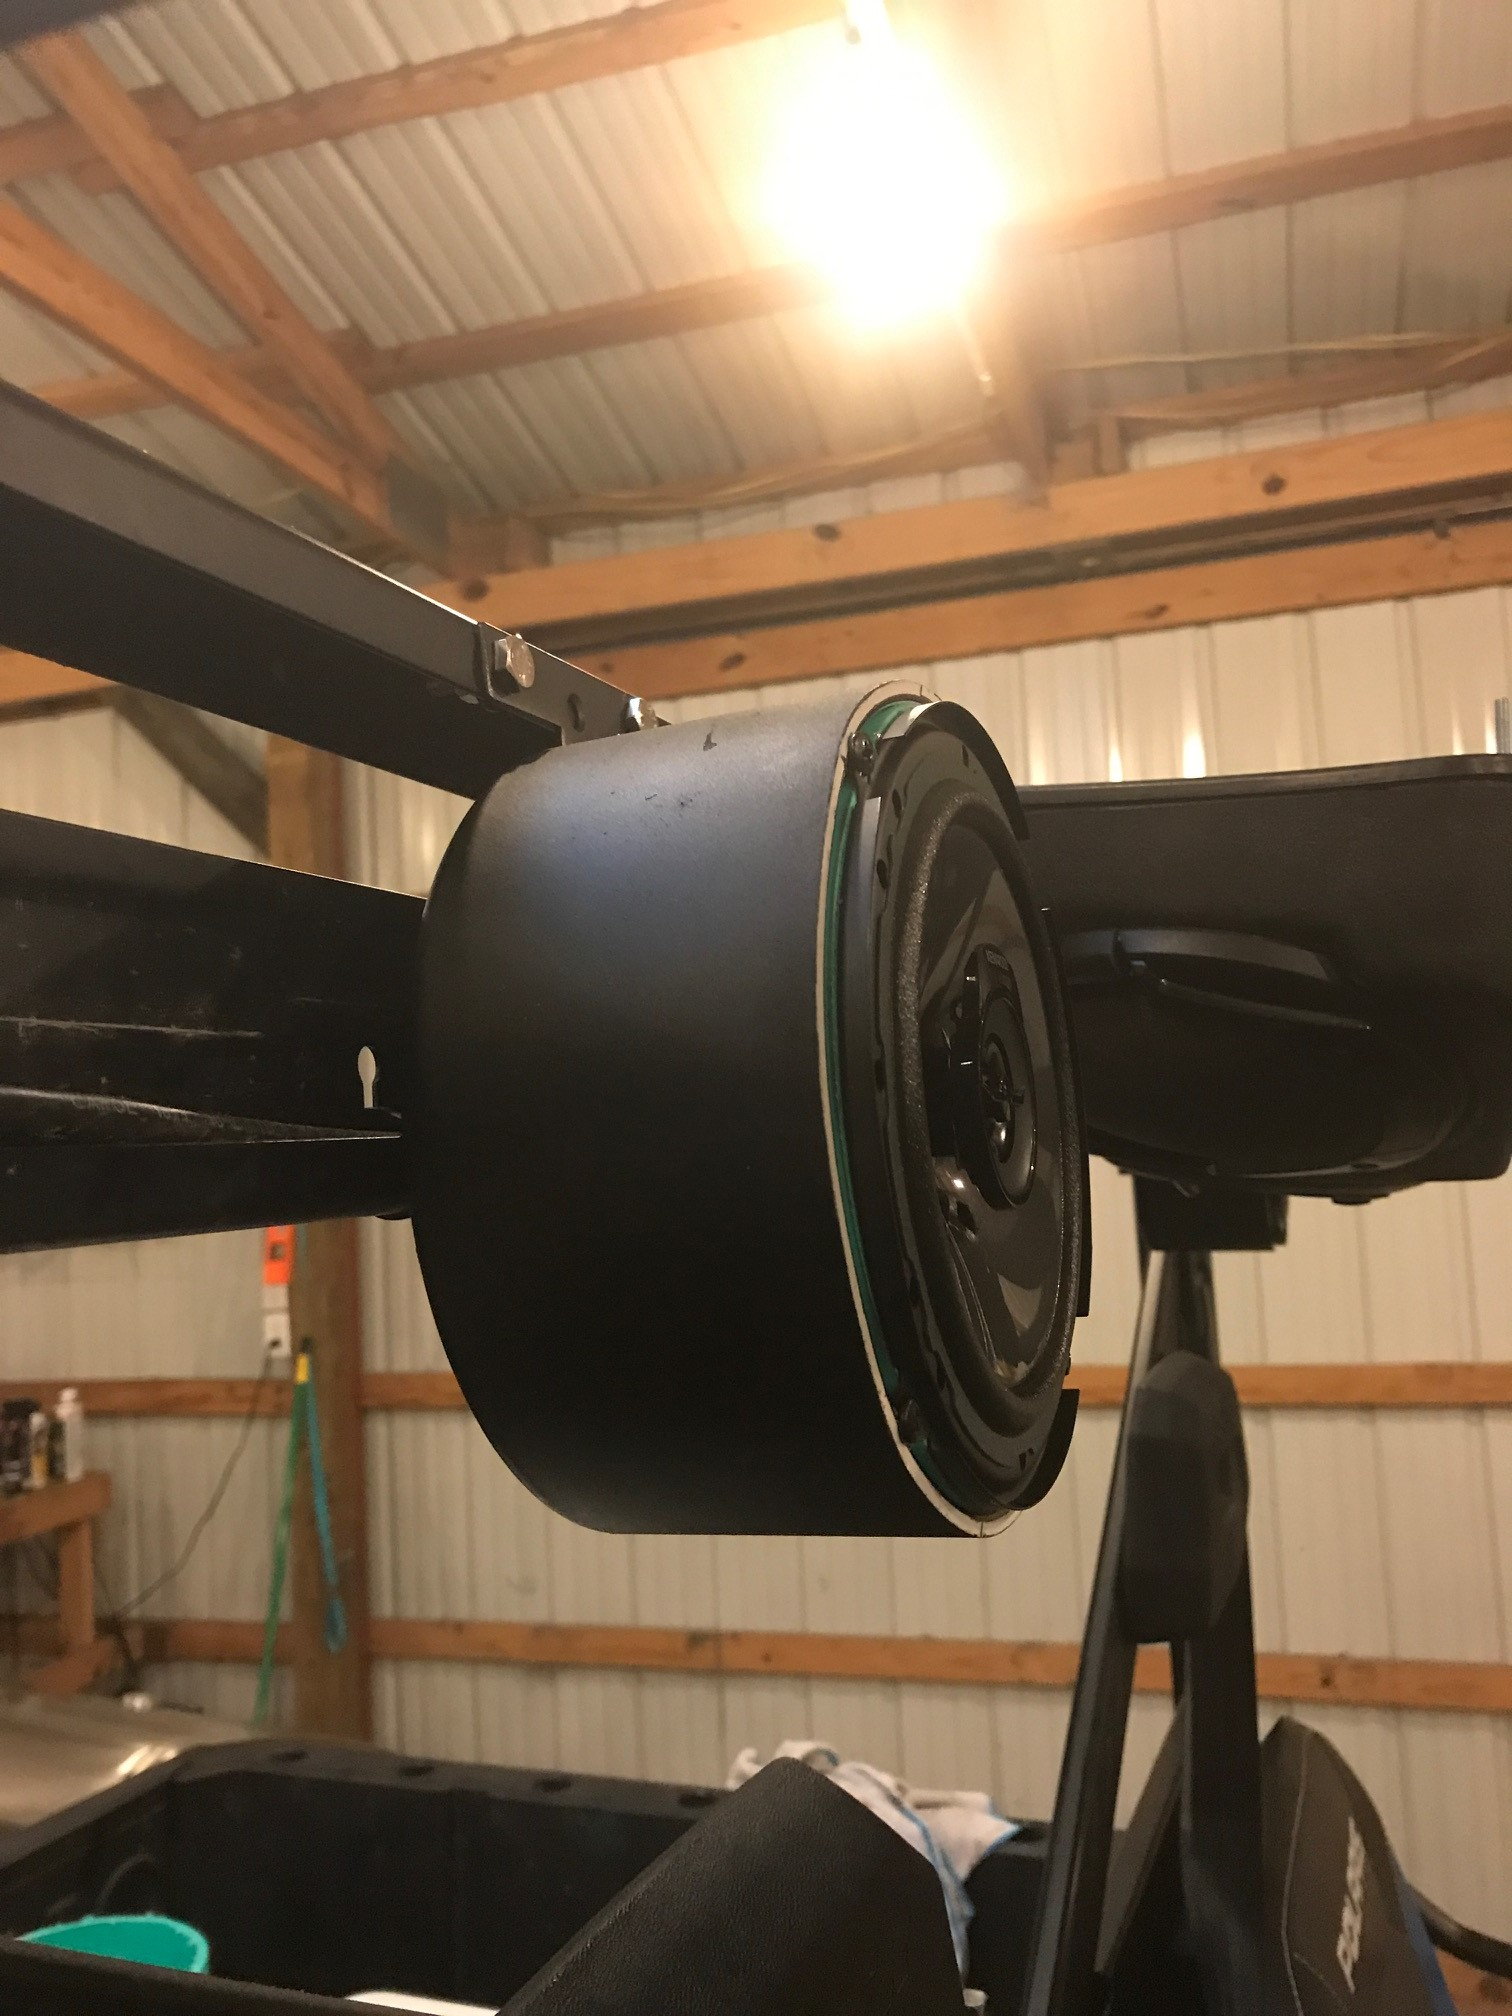 Homemade Pvc Speaker Cans